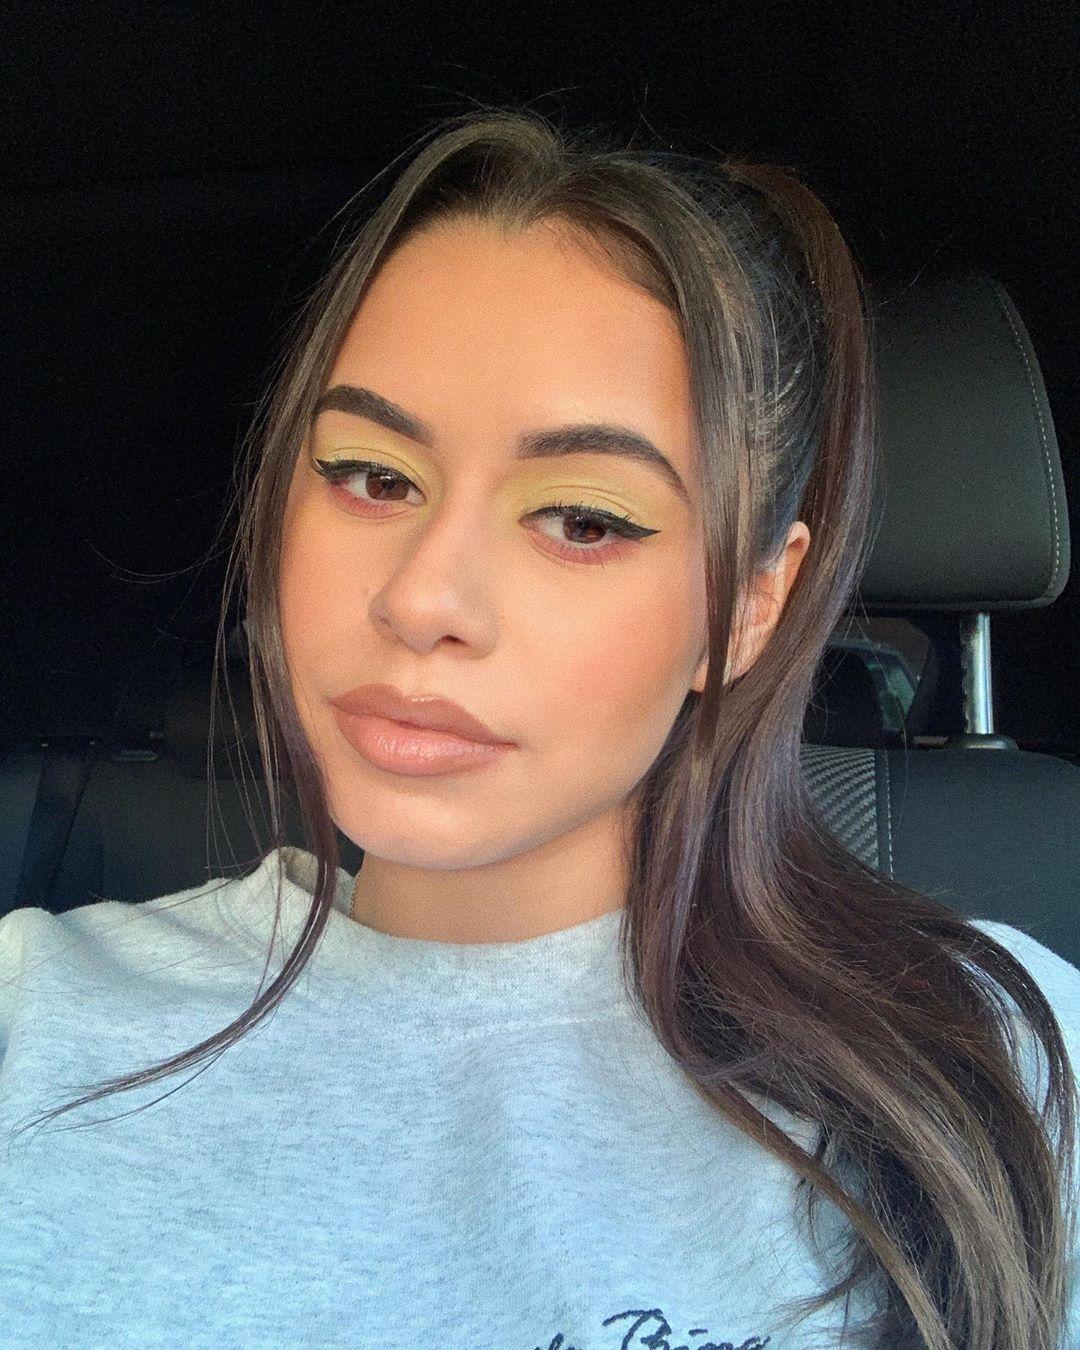 Noelia-Ramirez-Wallpapers-Insta-Fit-Bio-10